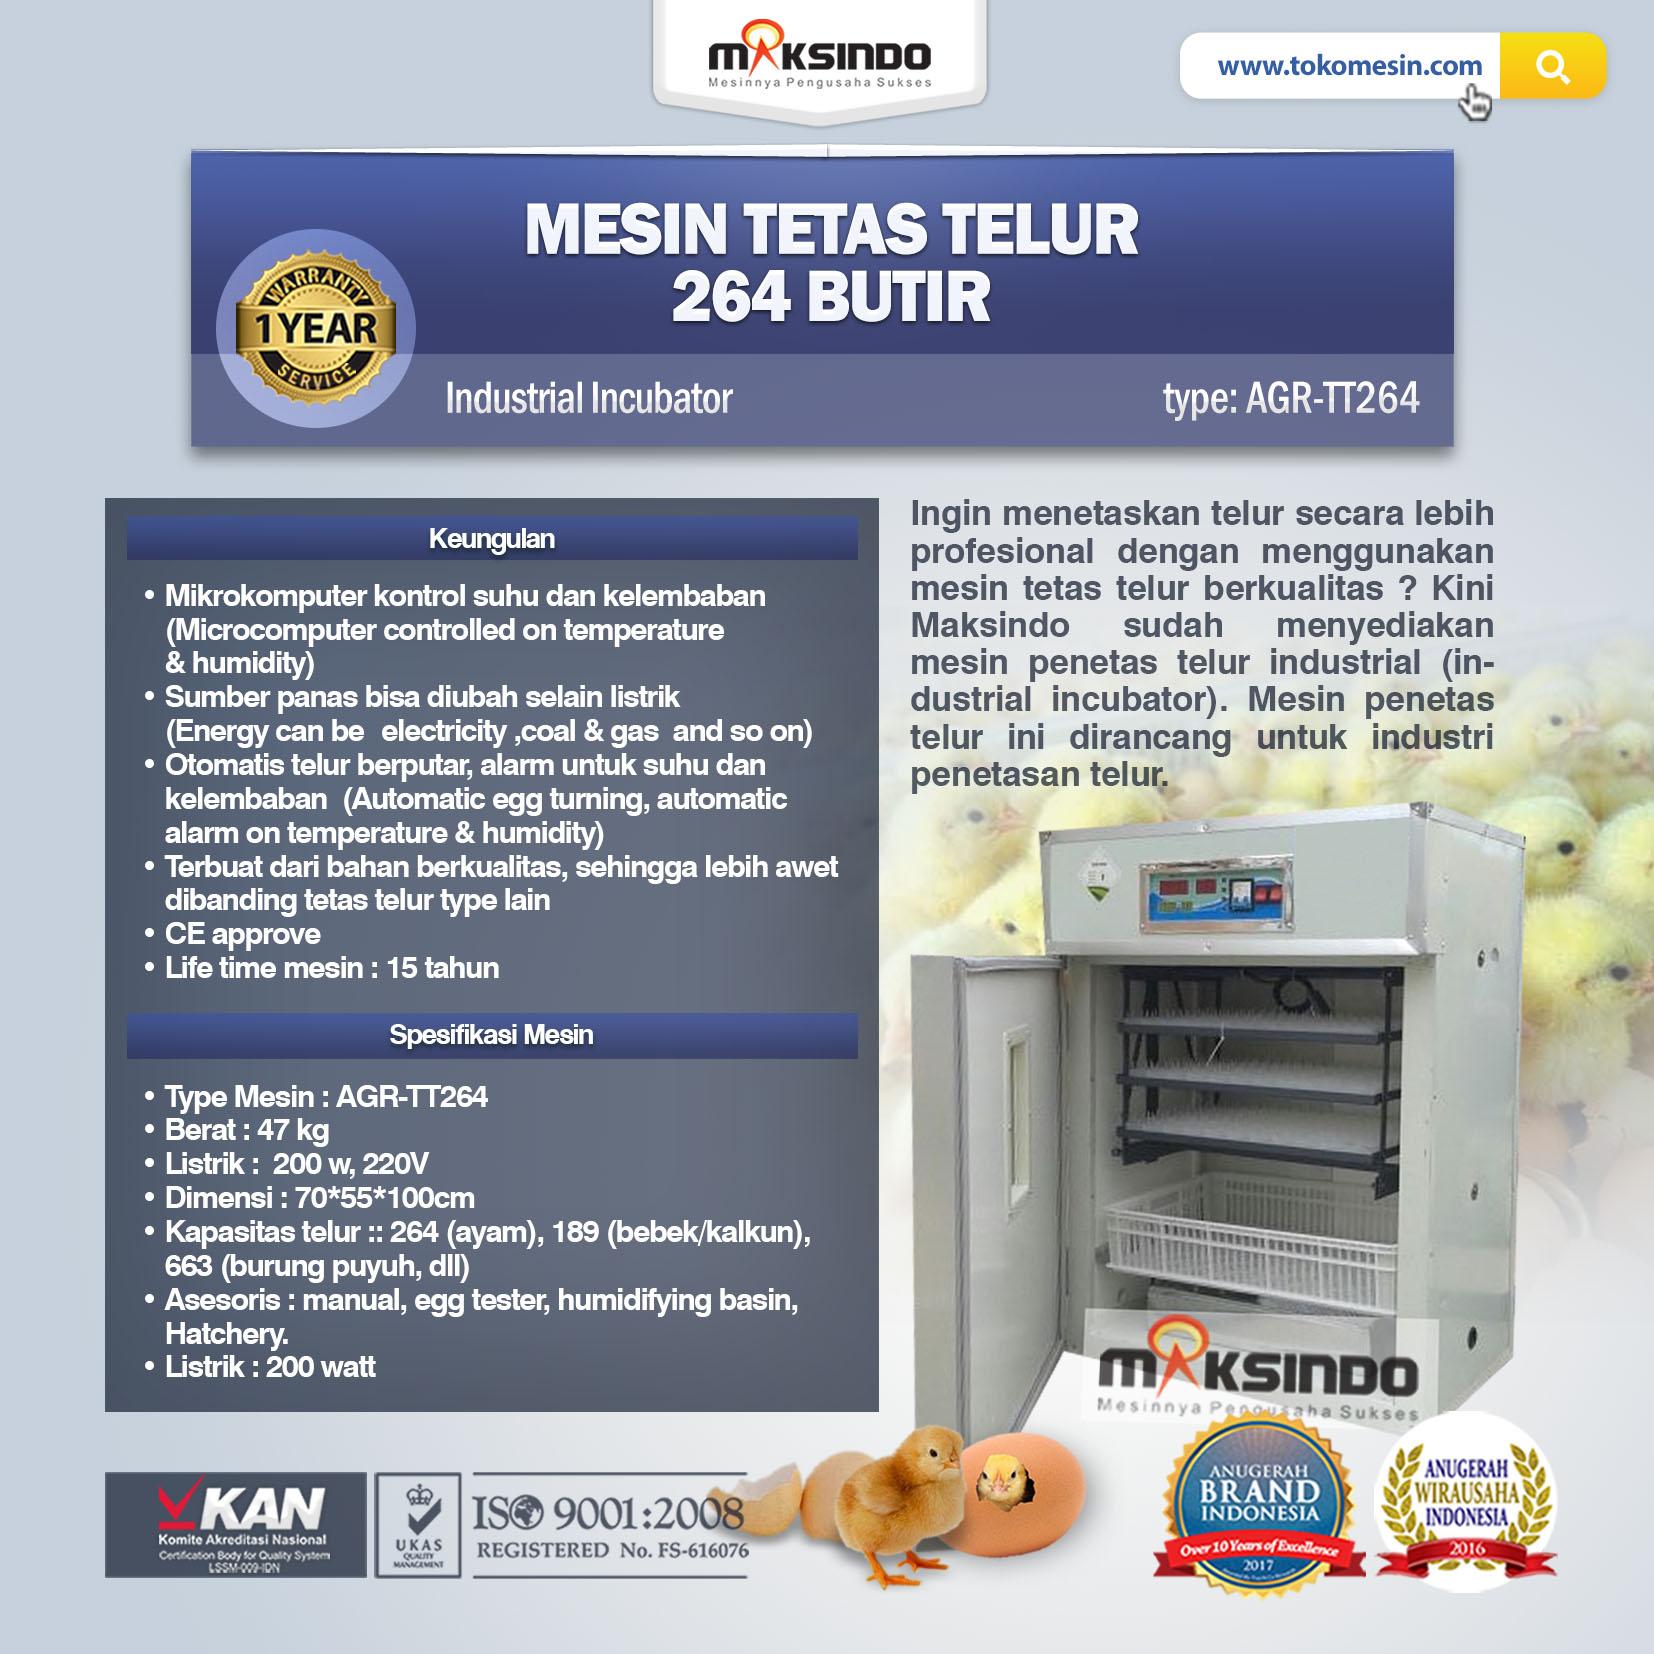 Jual Mesin Tetas Telur Industri 264 Butir (Industrial Incubator) di Tangerang